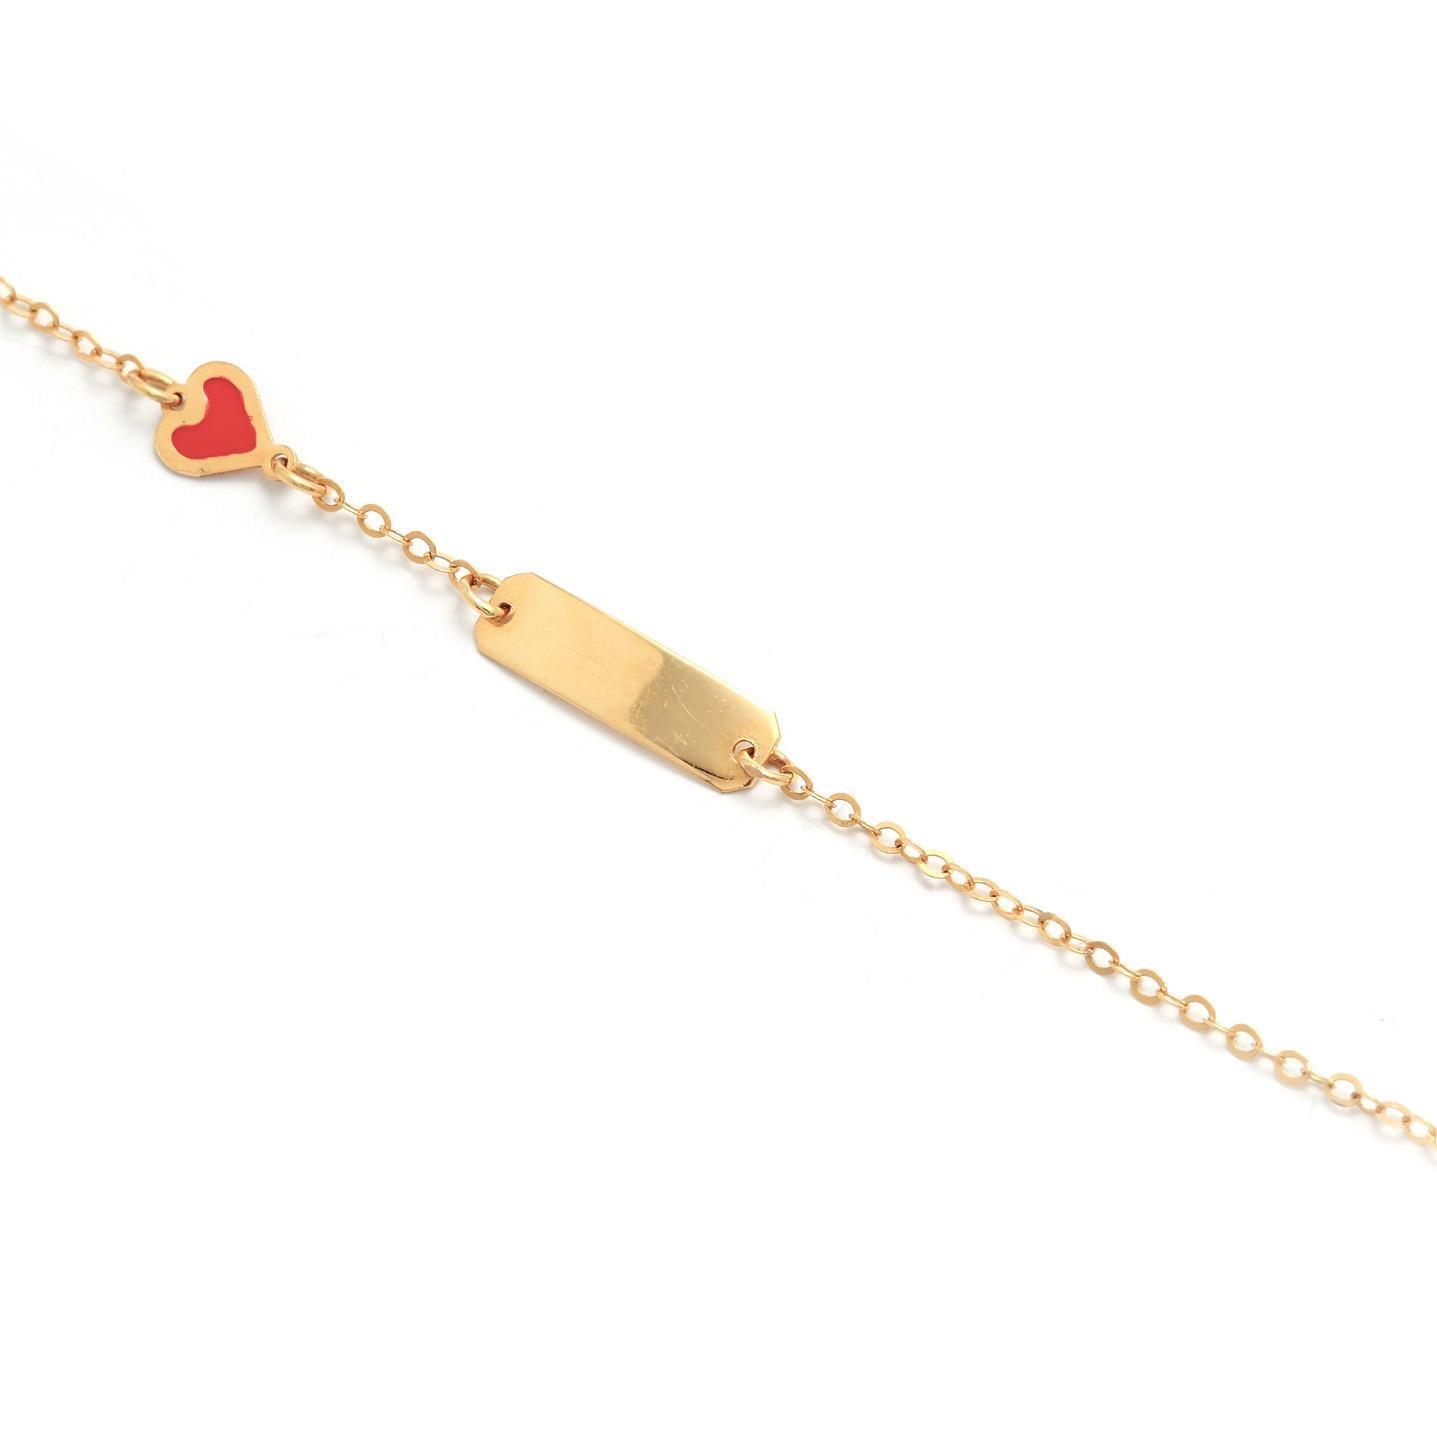 Zlatý detský náramok so srdiečkom 5MZ00037